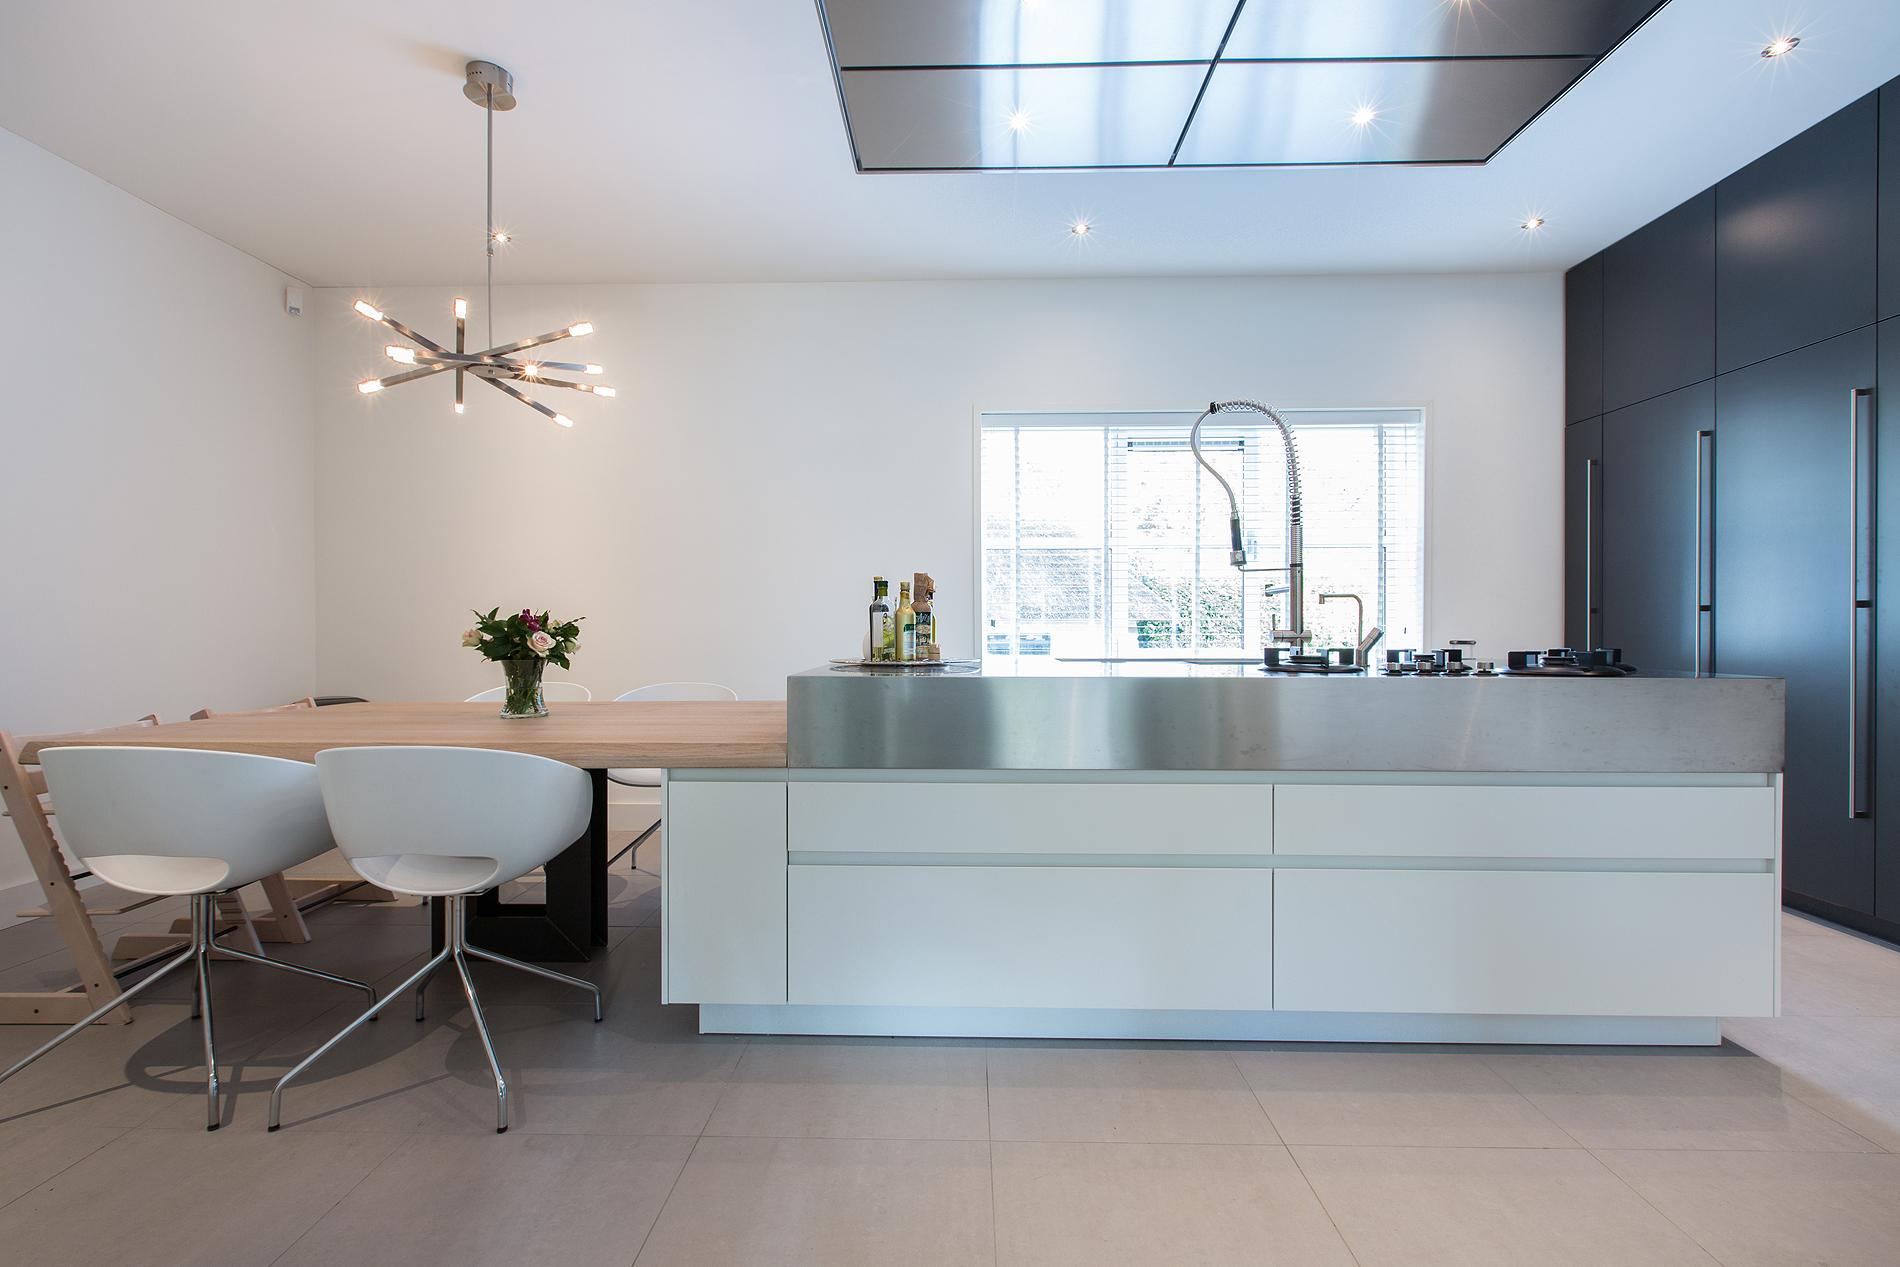 Keuken Design Hilversum : Keuken design hilversum beste ideen over huis en interieur